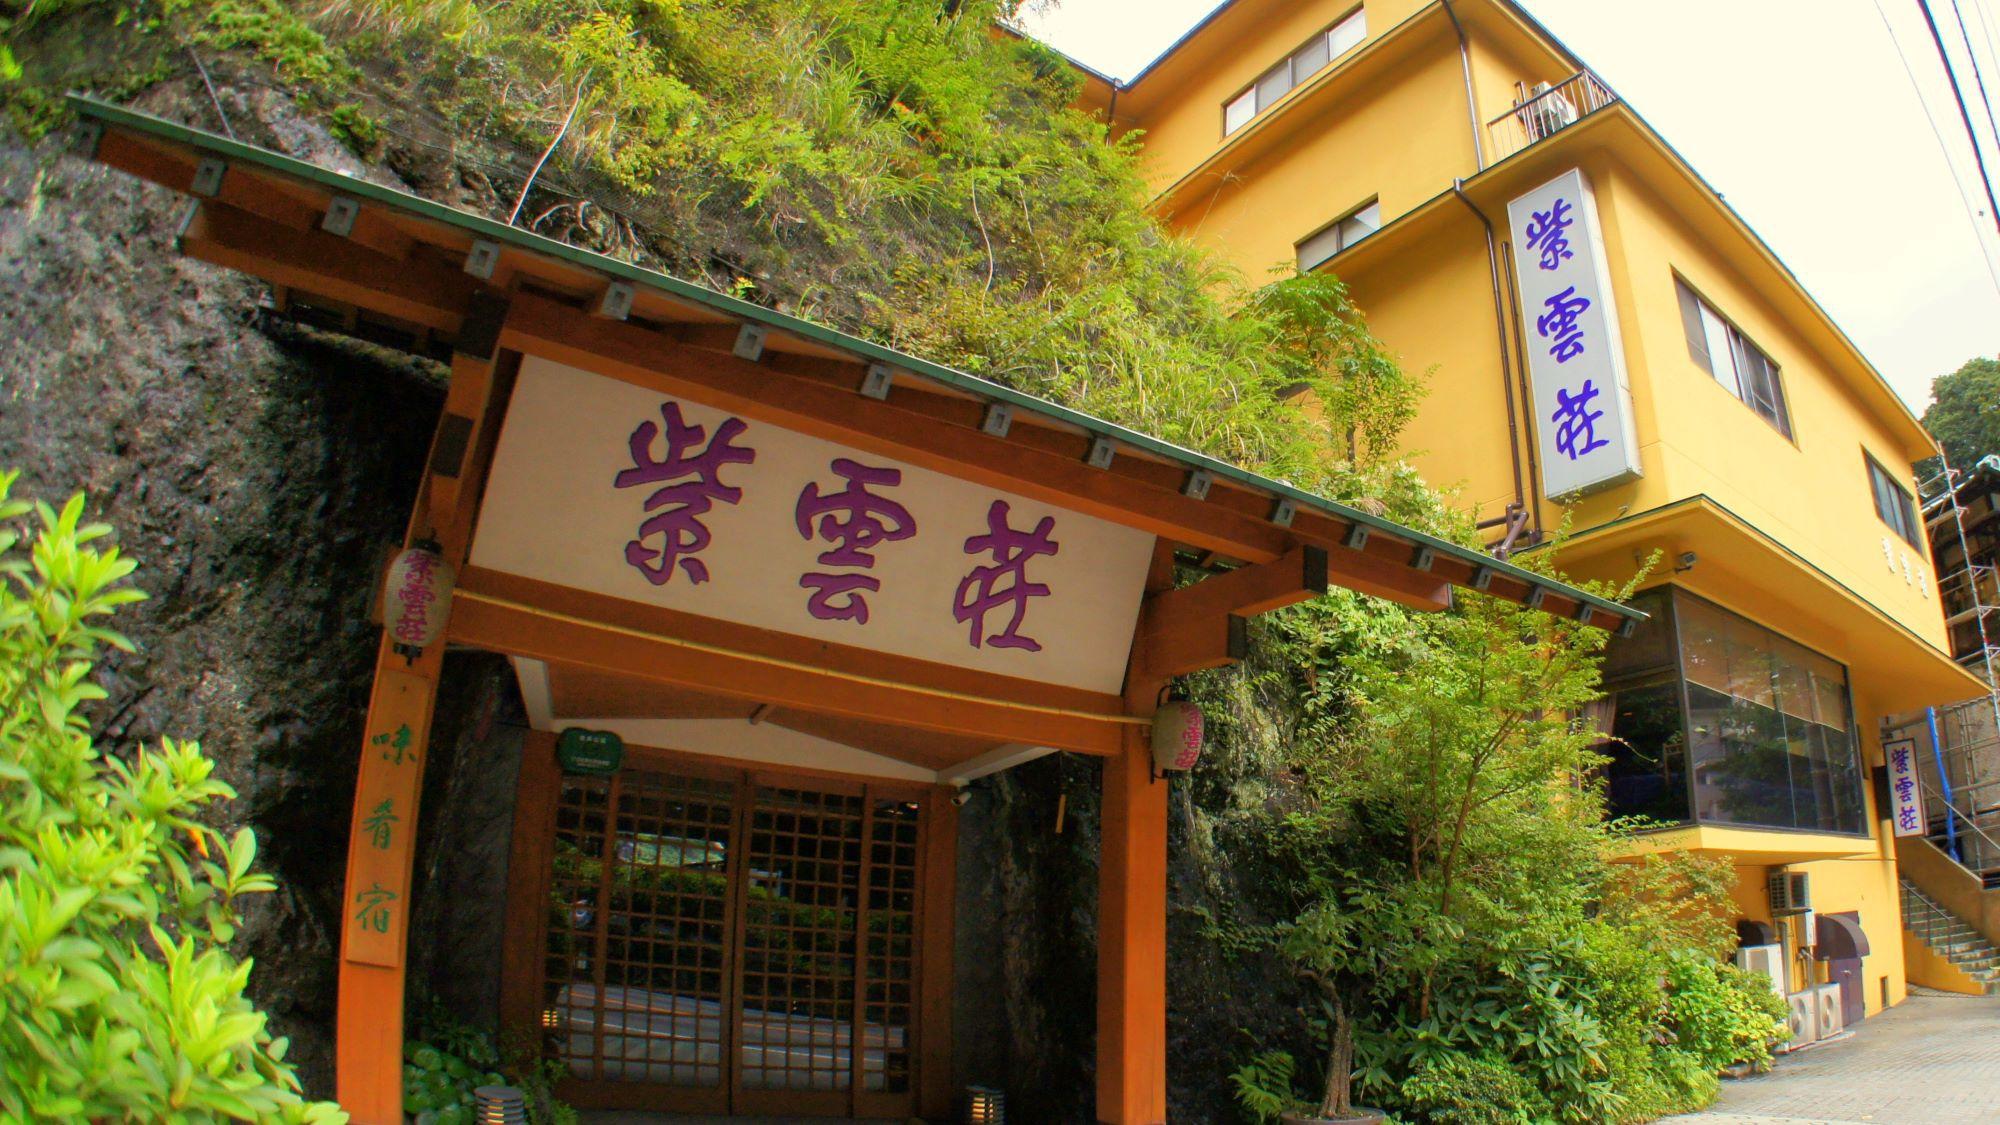 箱根温泉 鶴井の宿 紫雲荘...